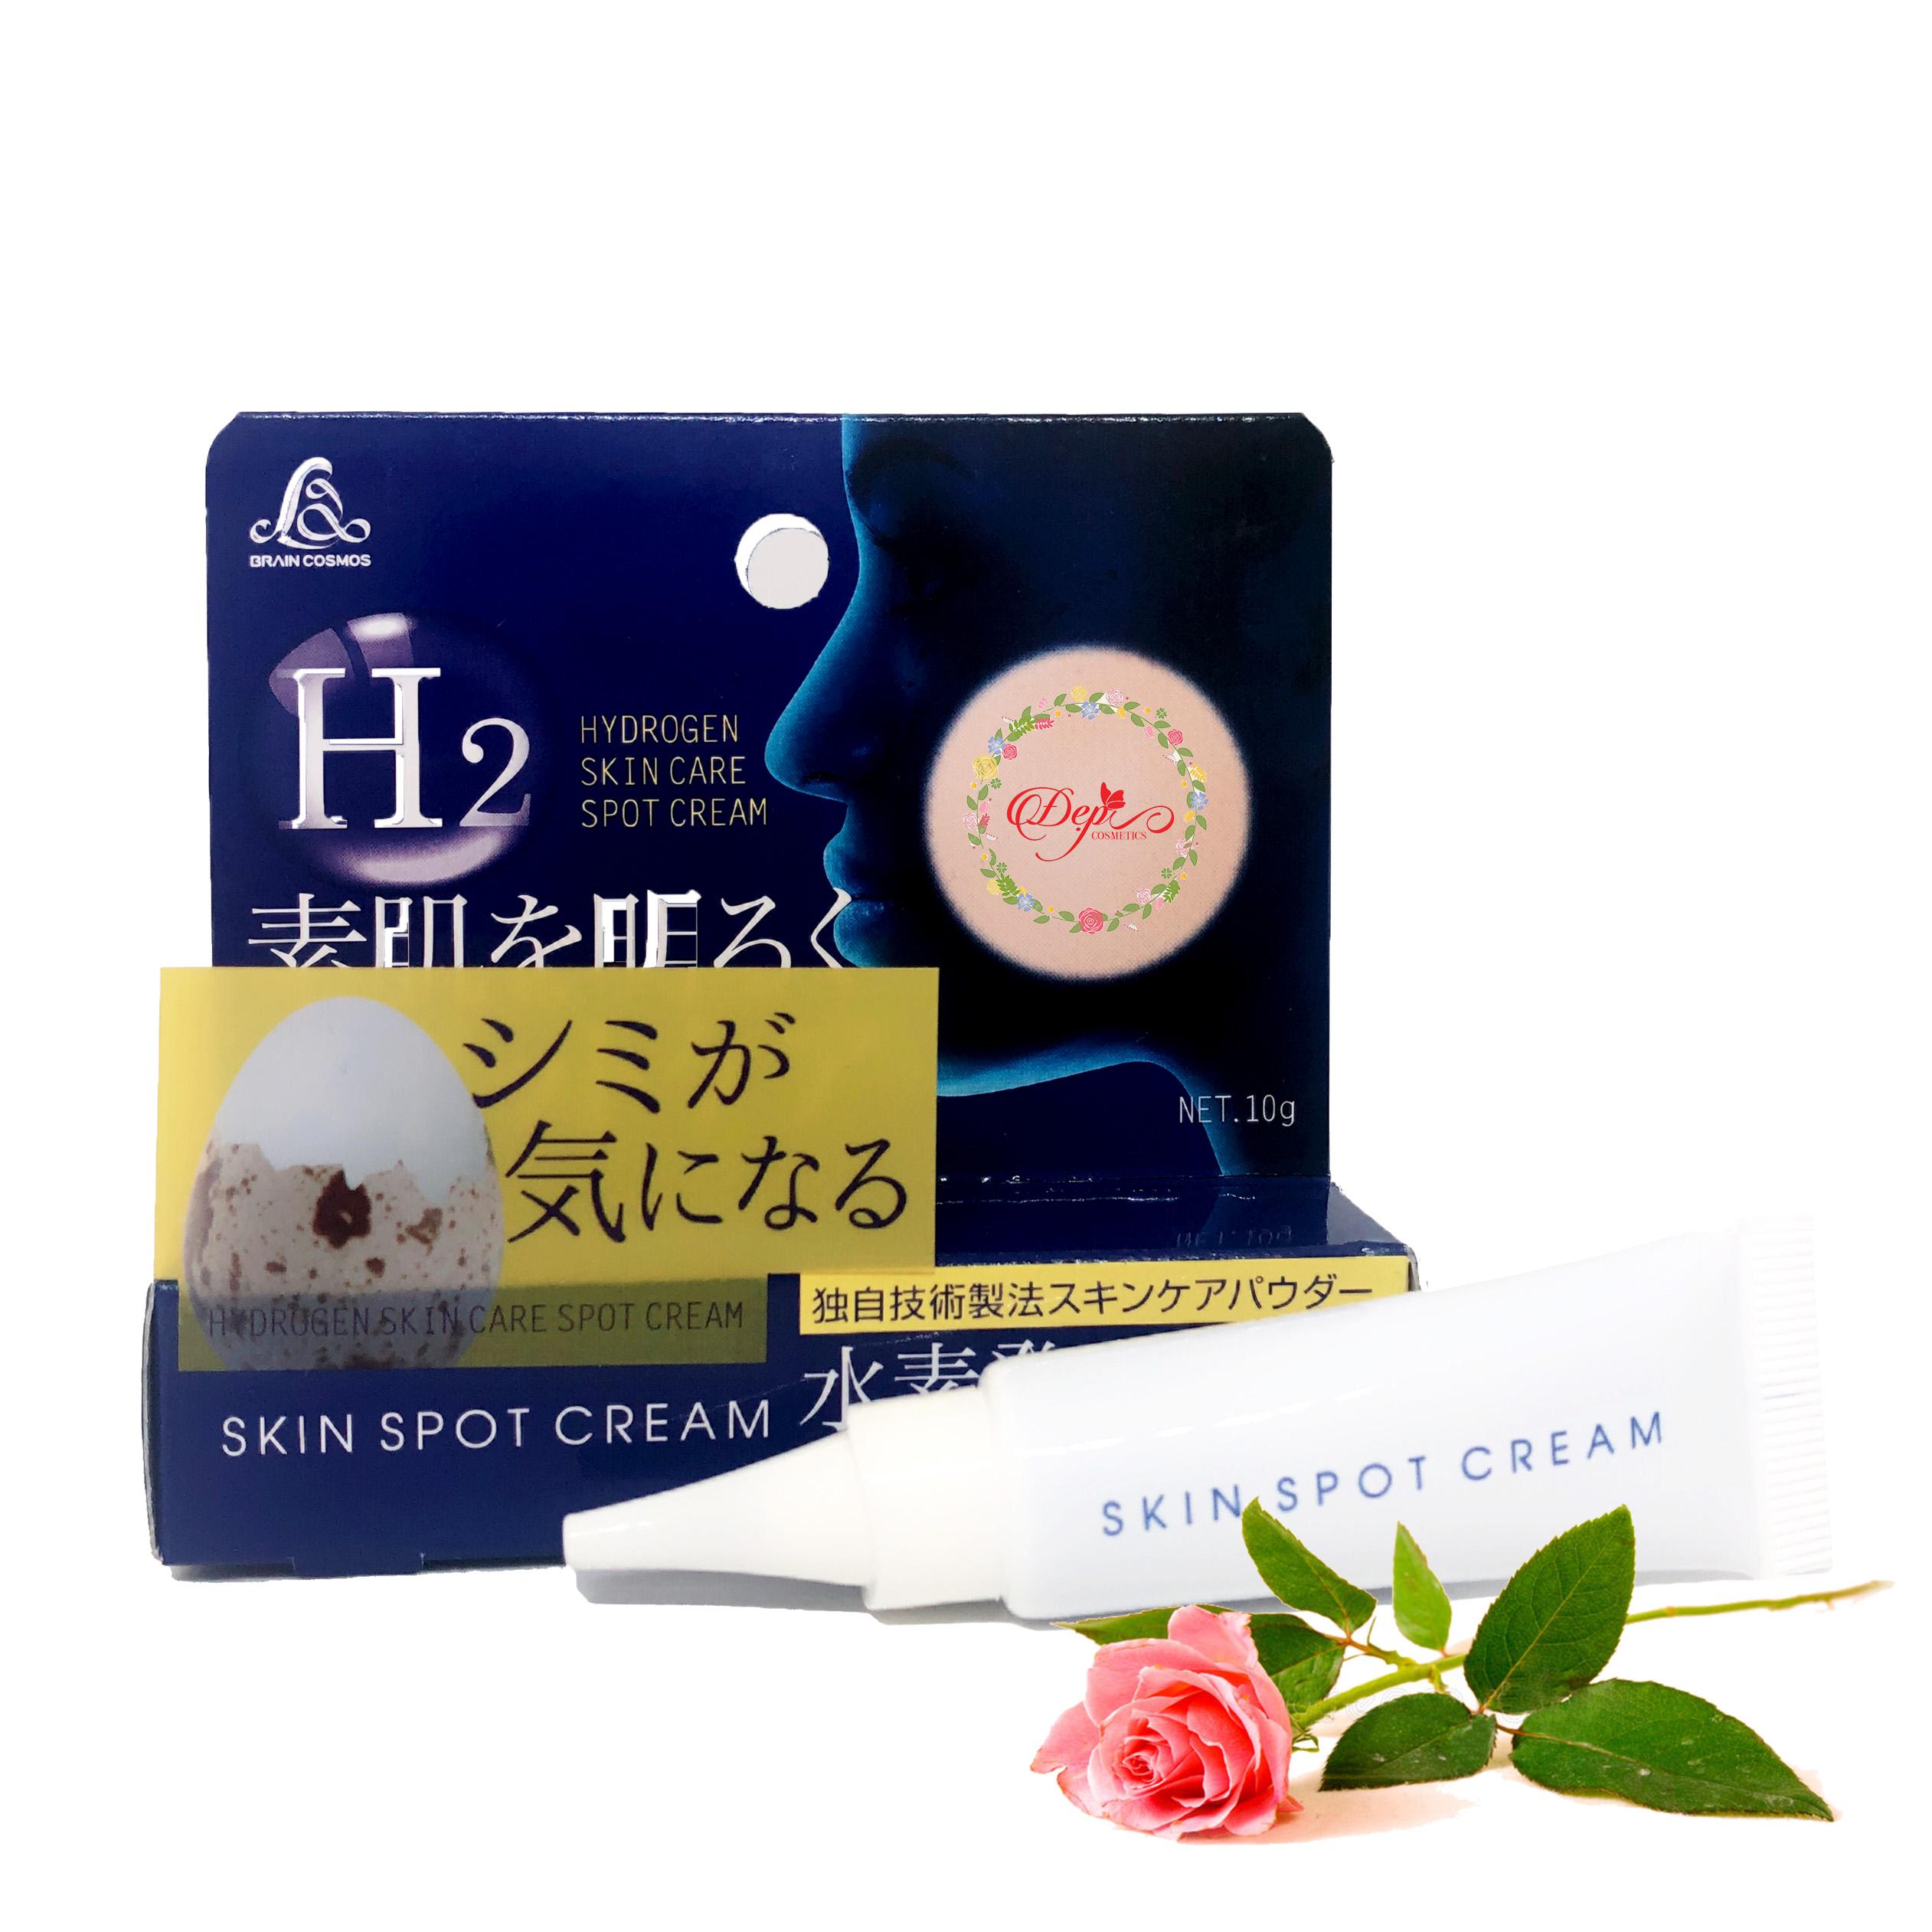 Kem trị nám, tàn nhang H2- Skin Spot Cream